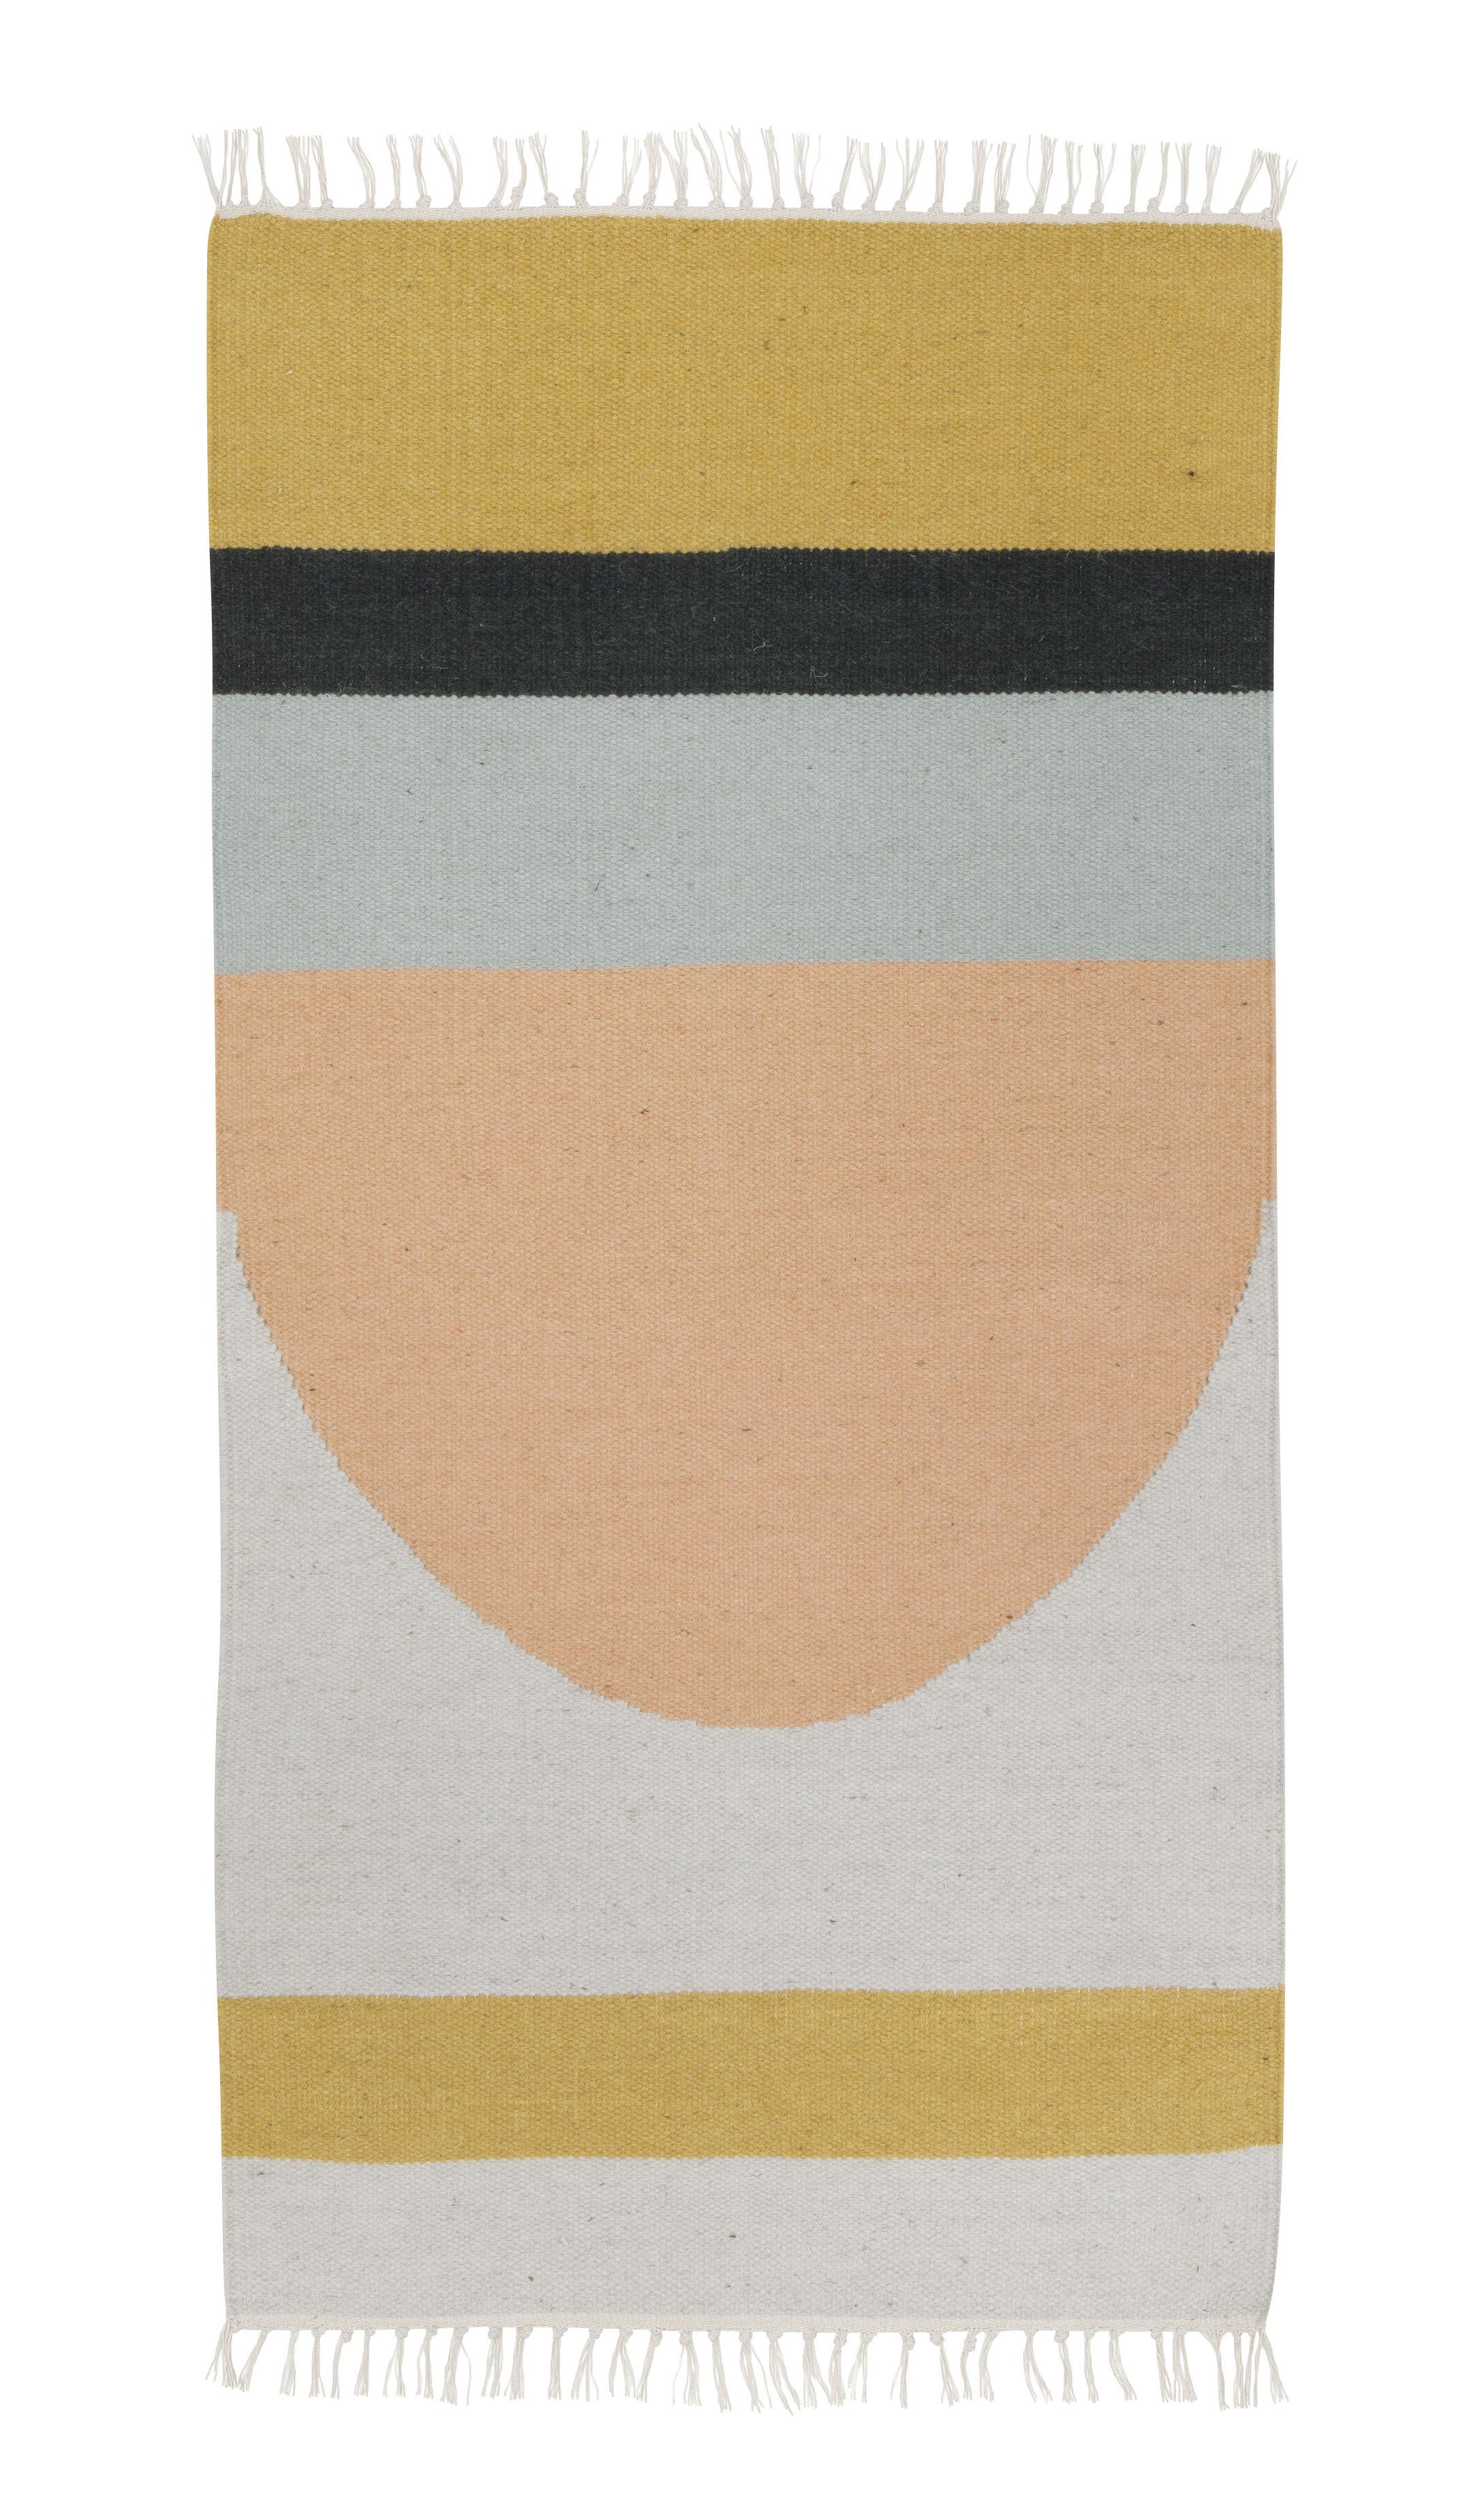 Interni - Tappeti - Tappeto Kelim Semi Circle - / 140 x 80 cm di Ferm Living - Cerchi / Multicolore - Cotone, Lana